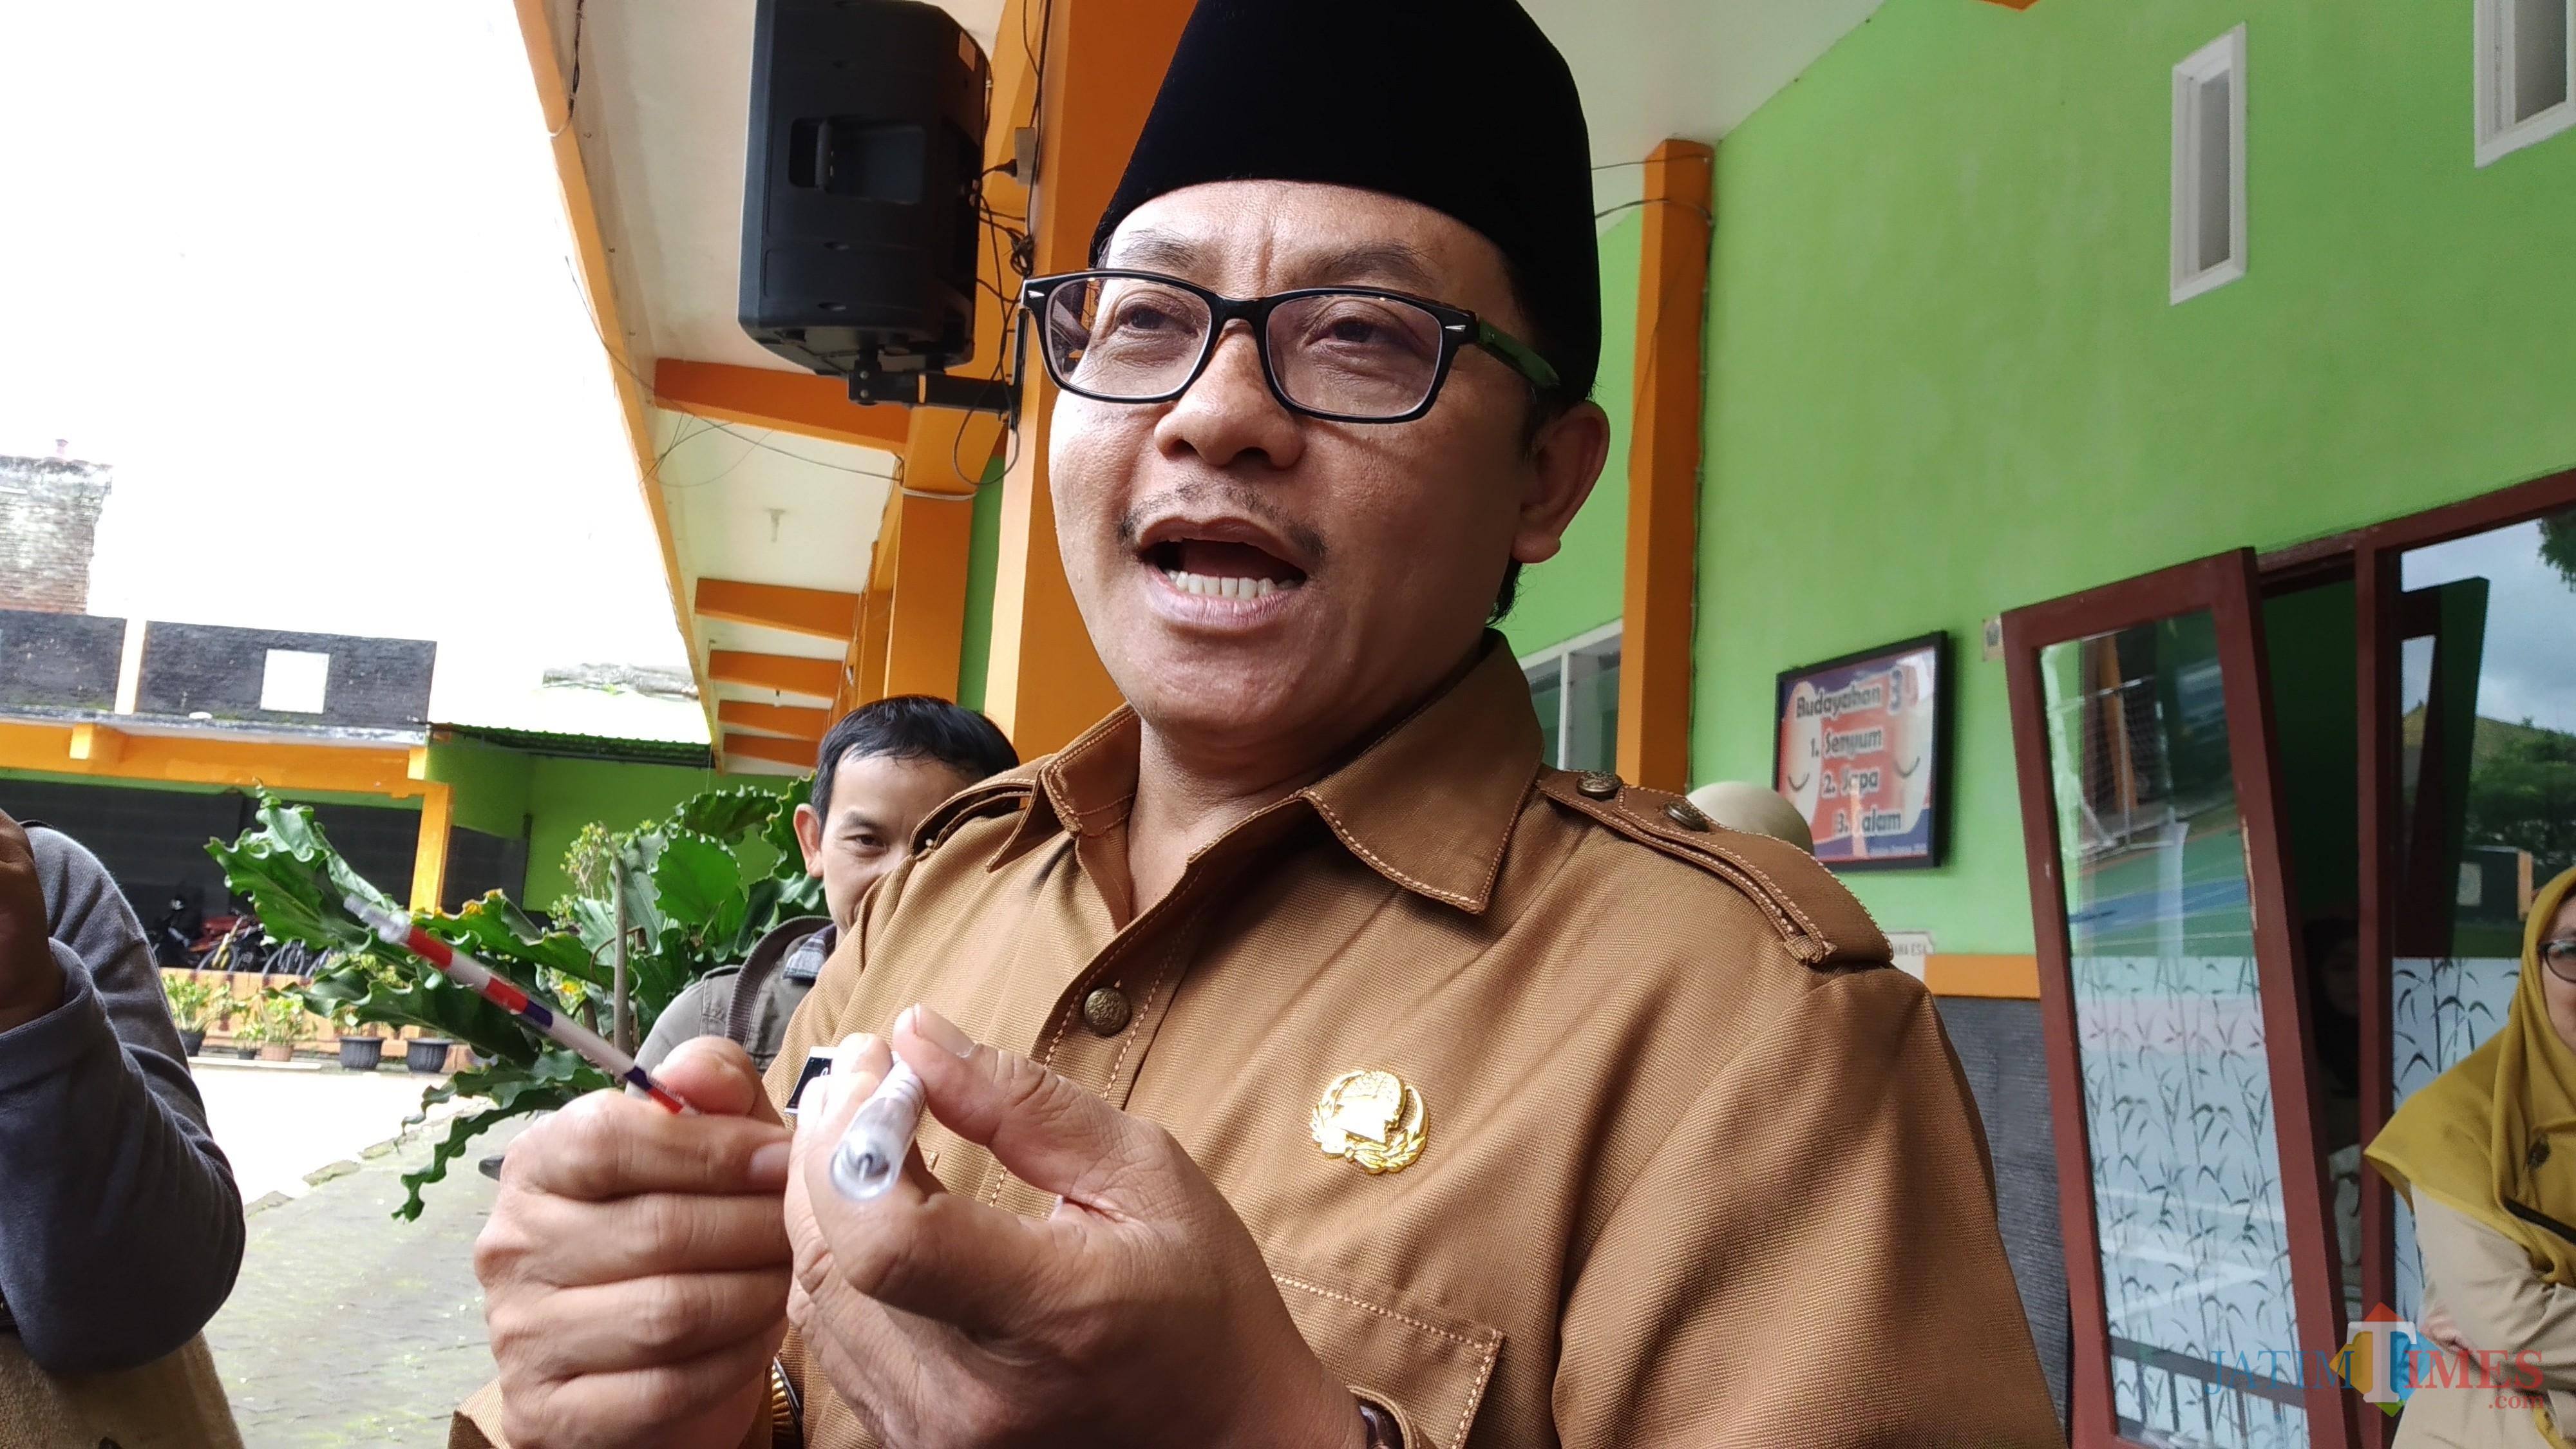 Wali Kota Malang Sutiaji saat menunjukkan jarum suntik yang dimodifikasi pada sebuah bulpoin (Pipit Anggraeni/MalangTIMES).